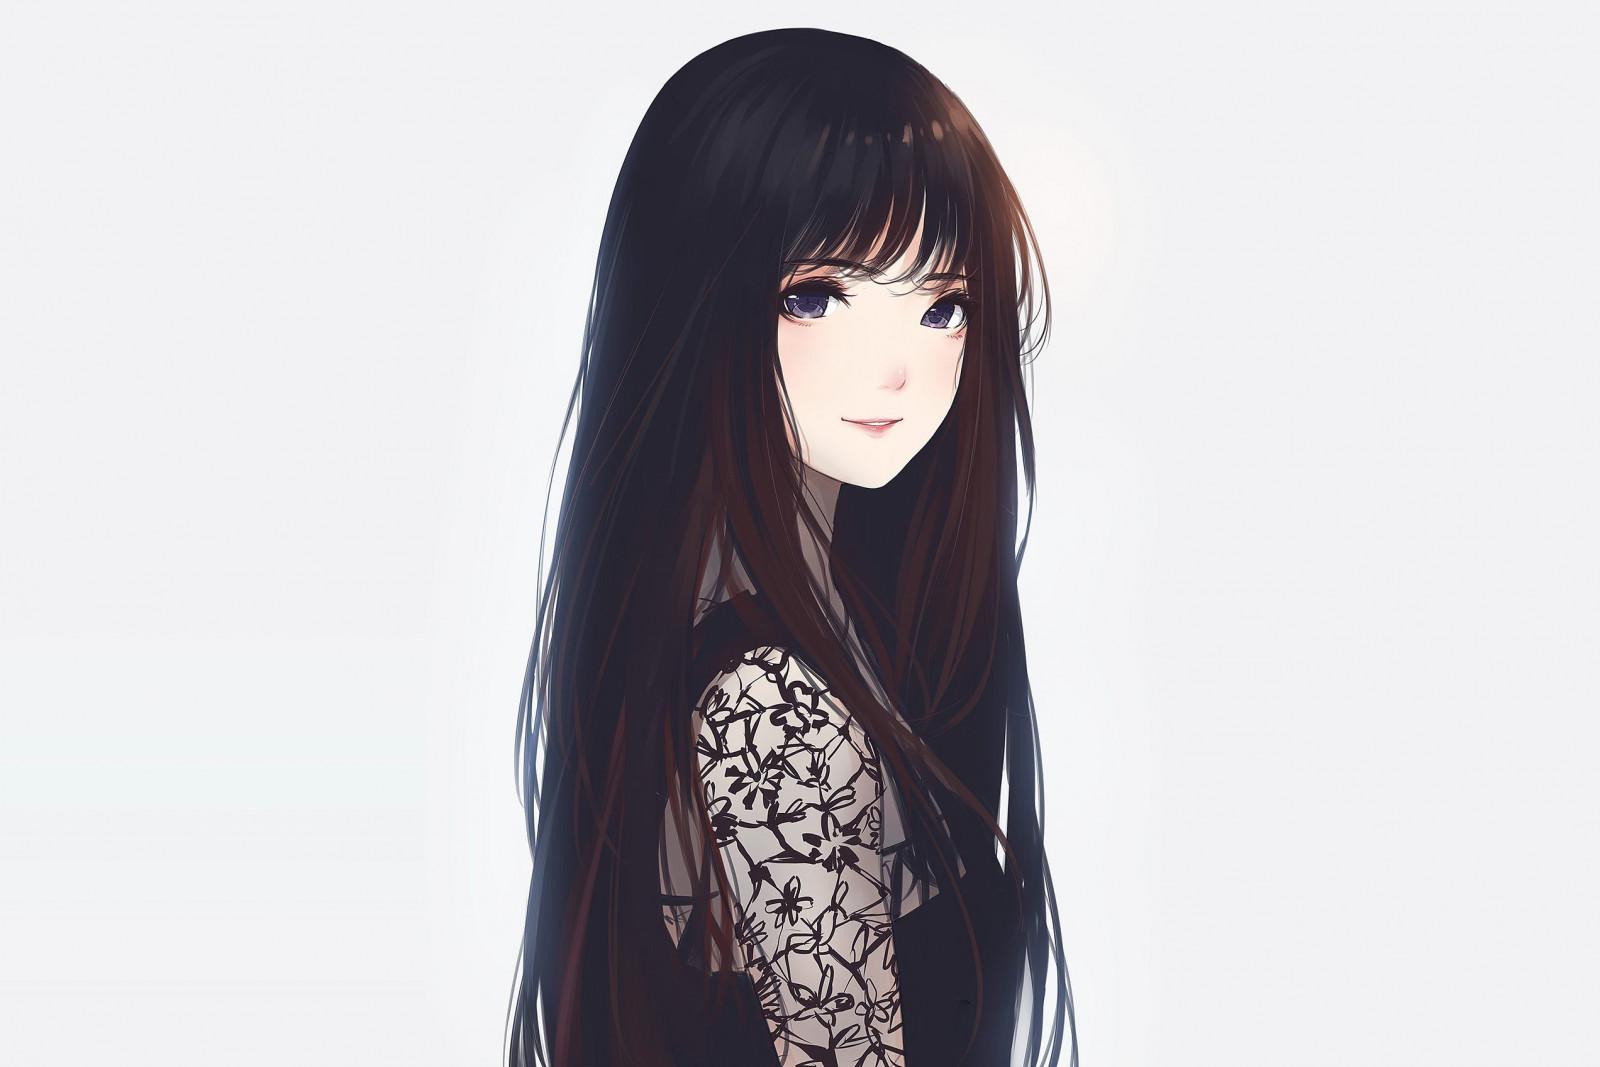 Картинки аниме женщин с длинными волосами